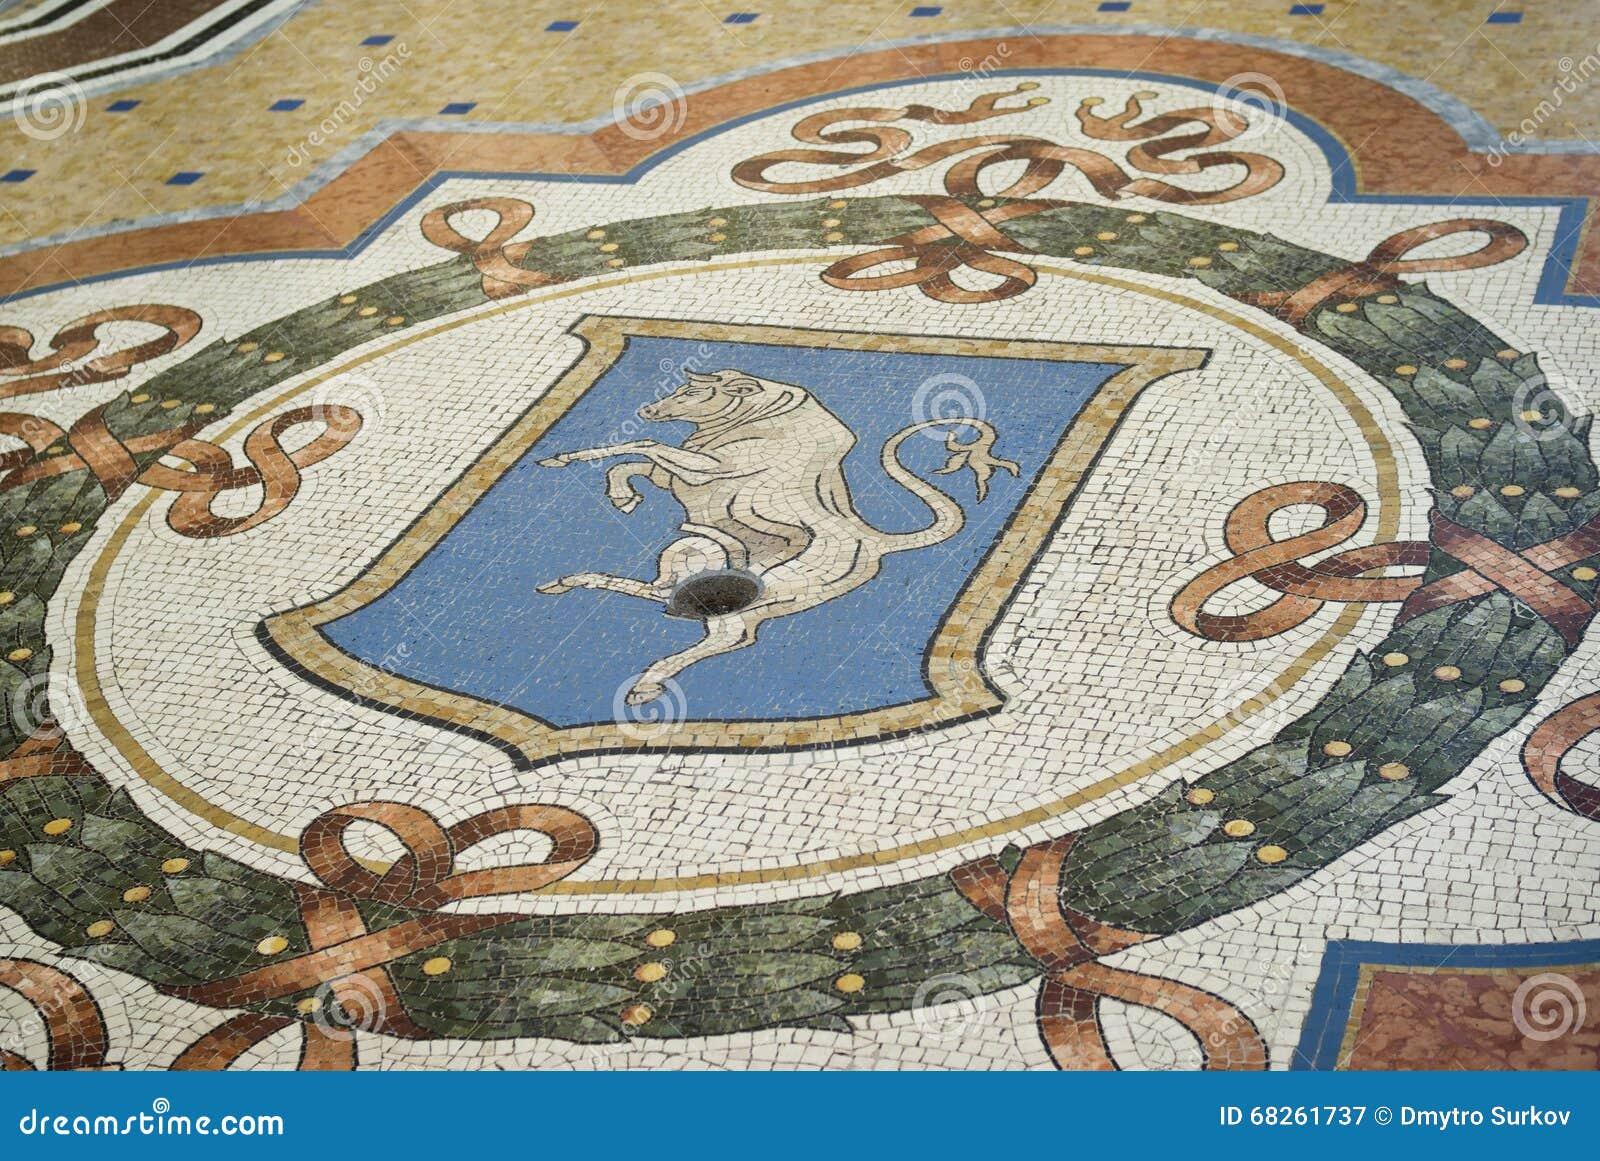 Ταύρος μωσαϊκών στο πάτωμα του Vittorio Emanuele Gallery, Μιλάνο